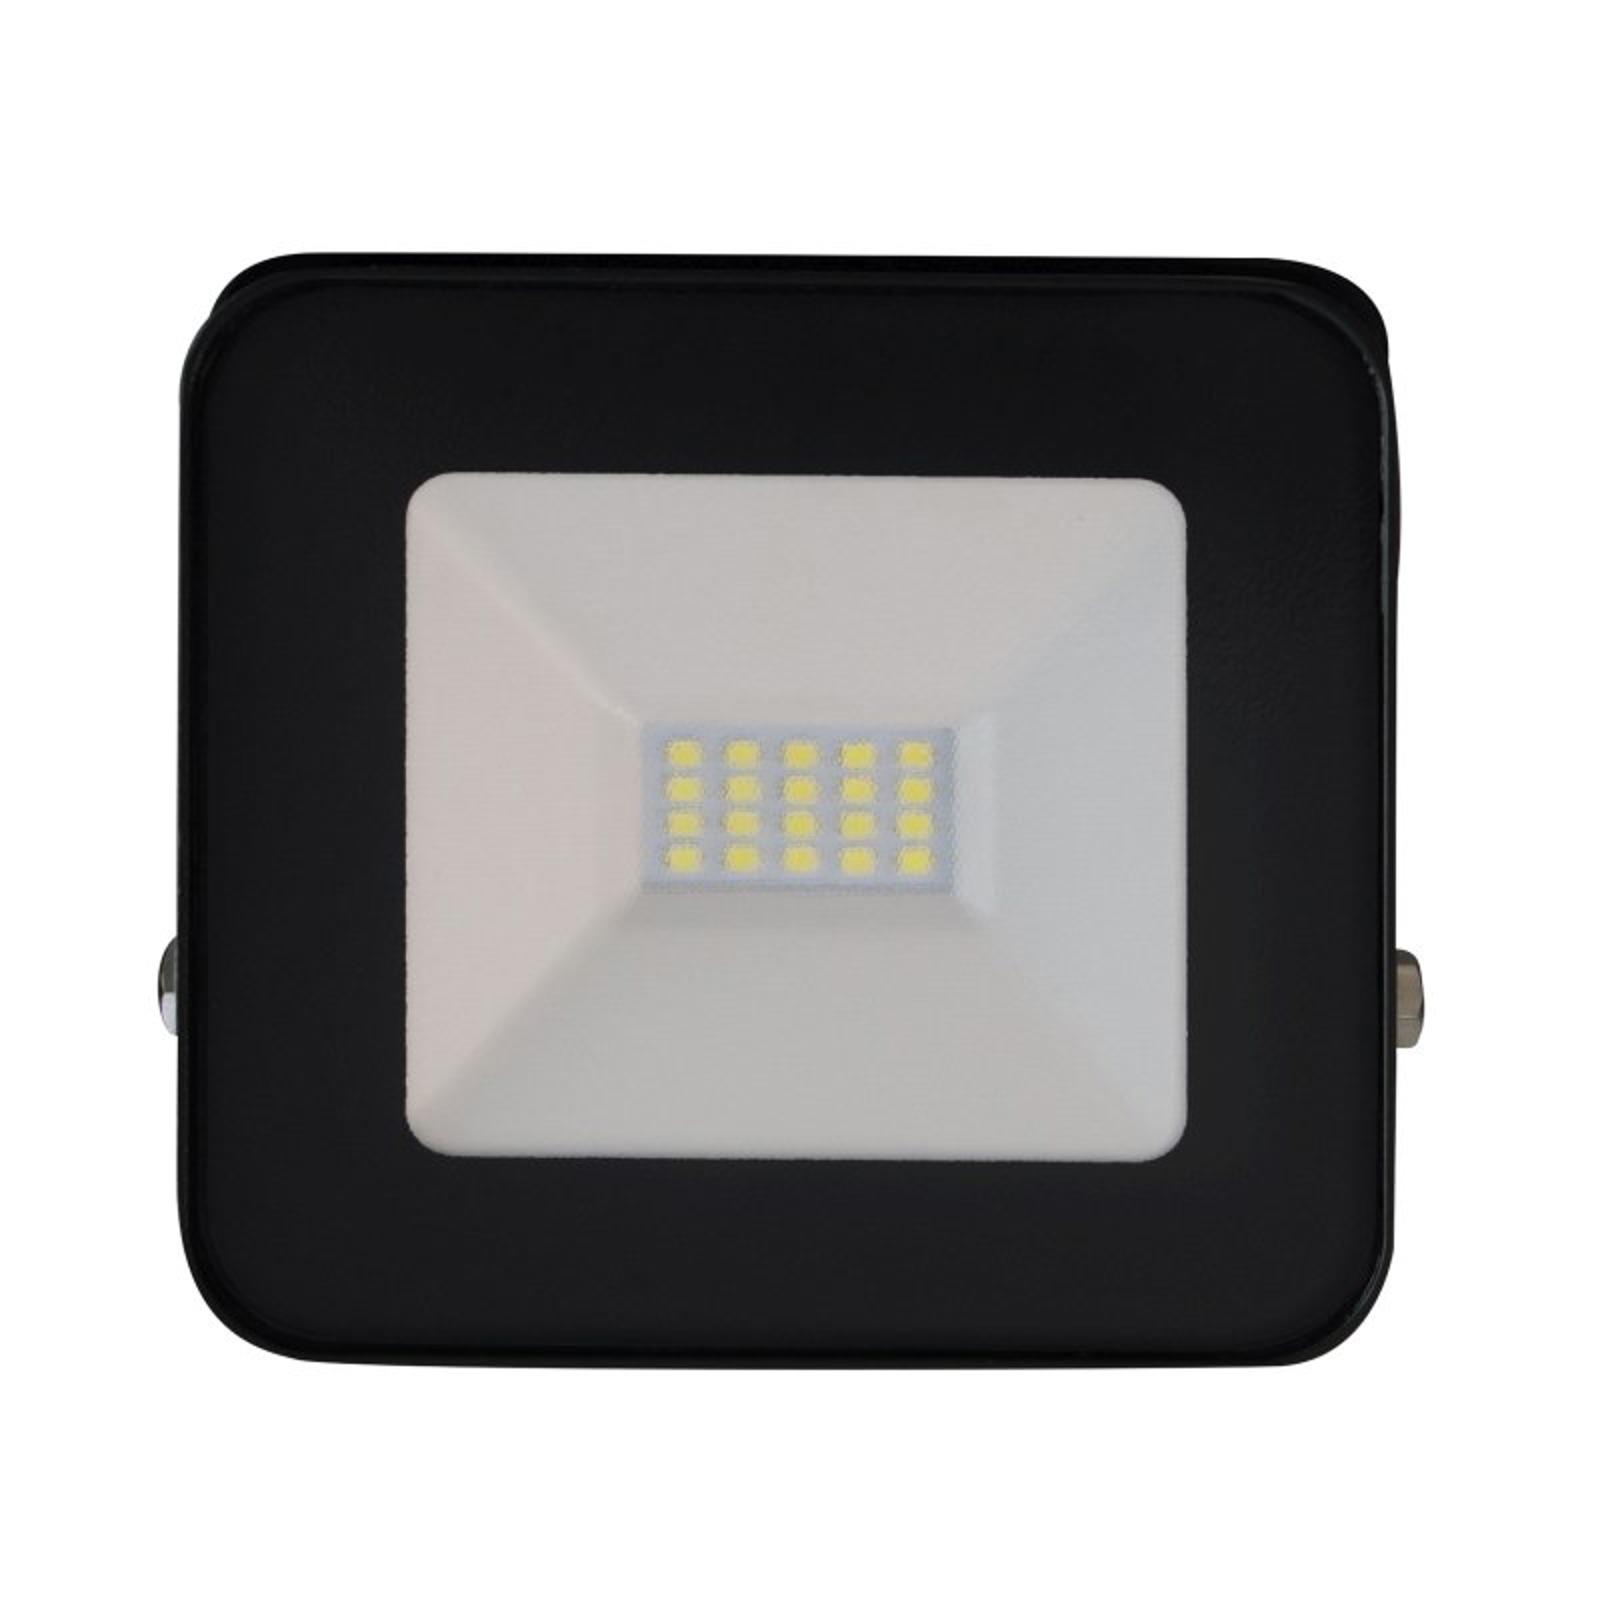 Proiettore LED da esterni John in nero, 30W